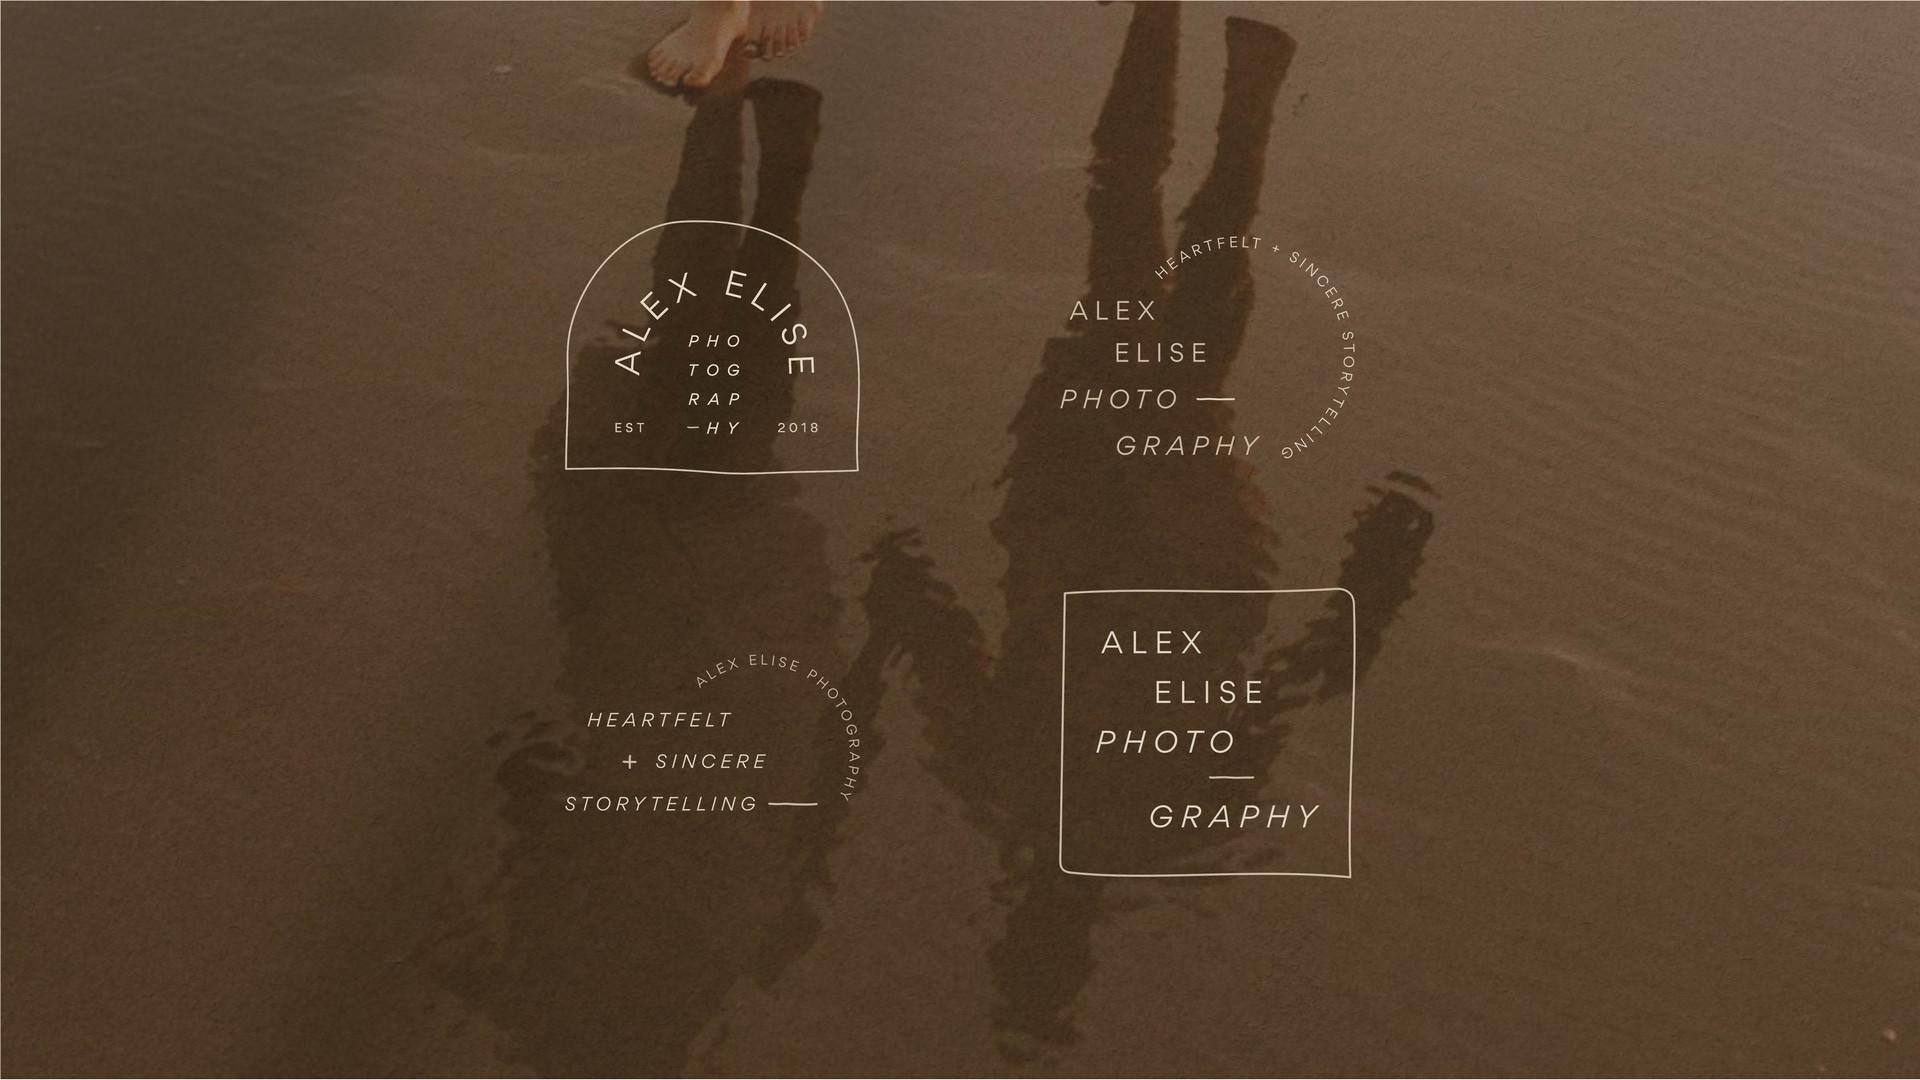 alex elise photography submarks